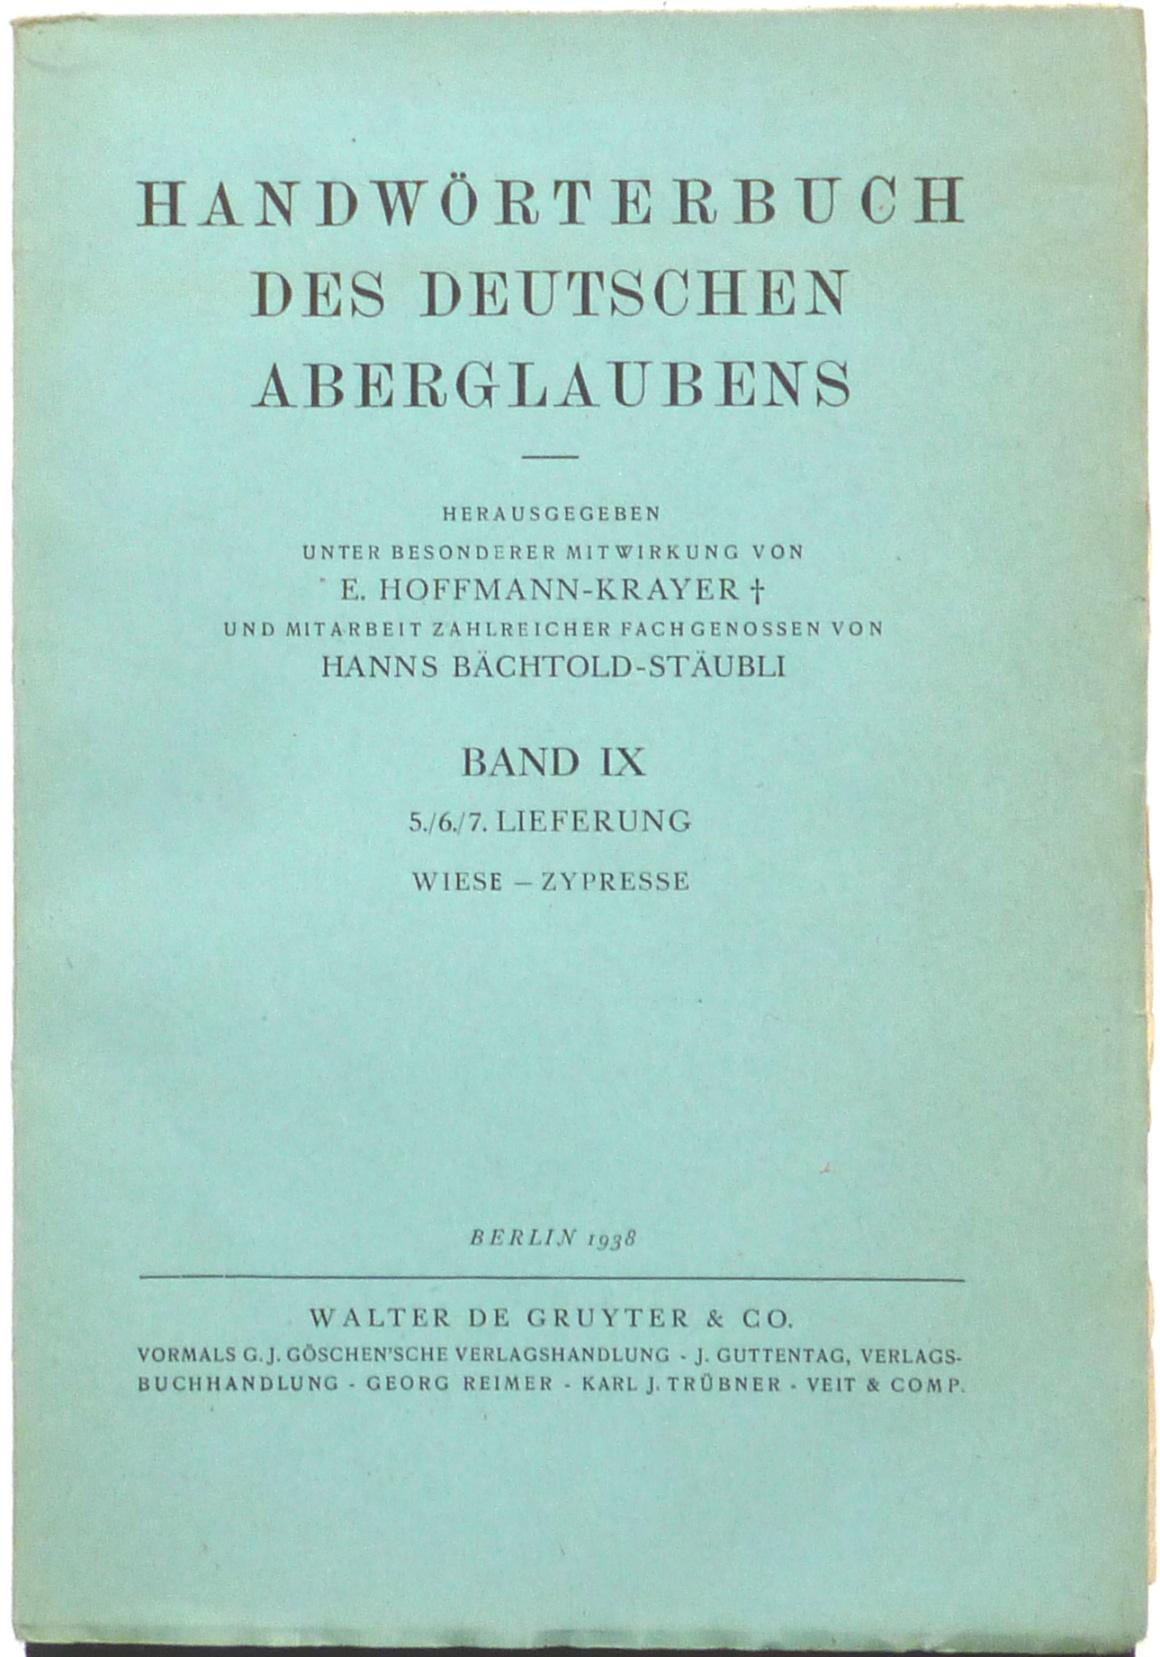 Handwörterbuch des deutschen Aberglaubens, Band IX, 5./: Bächtold-Stäubli, Hanns (ed.)